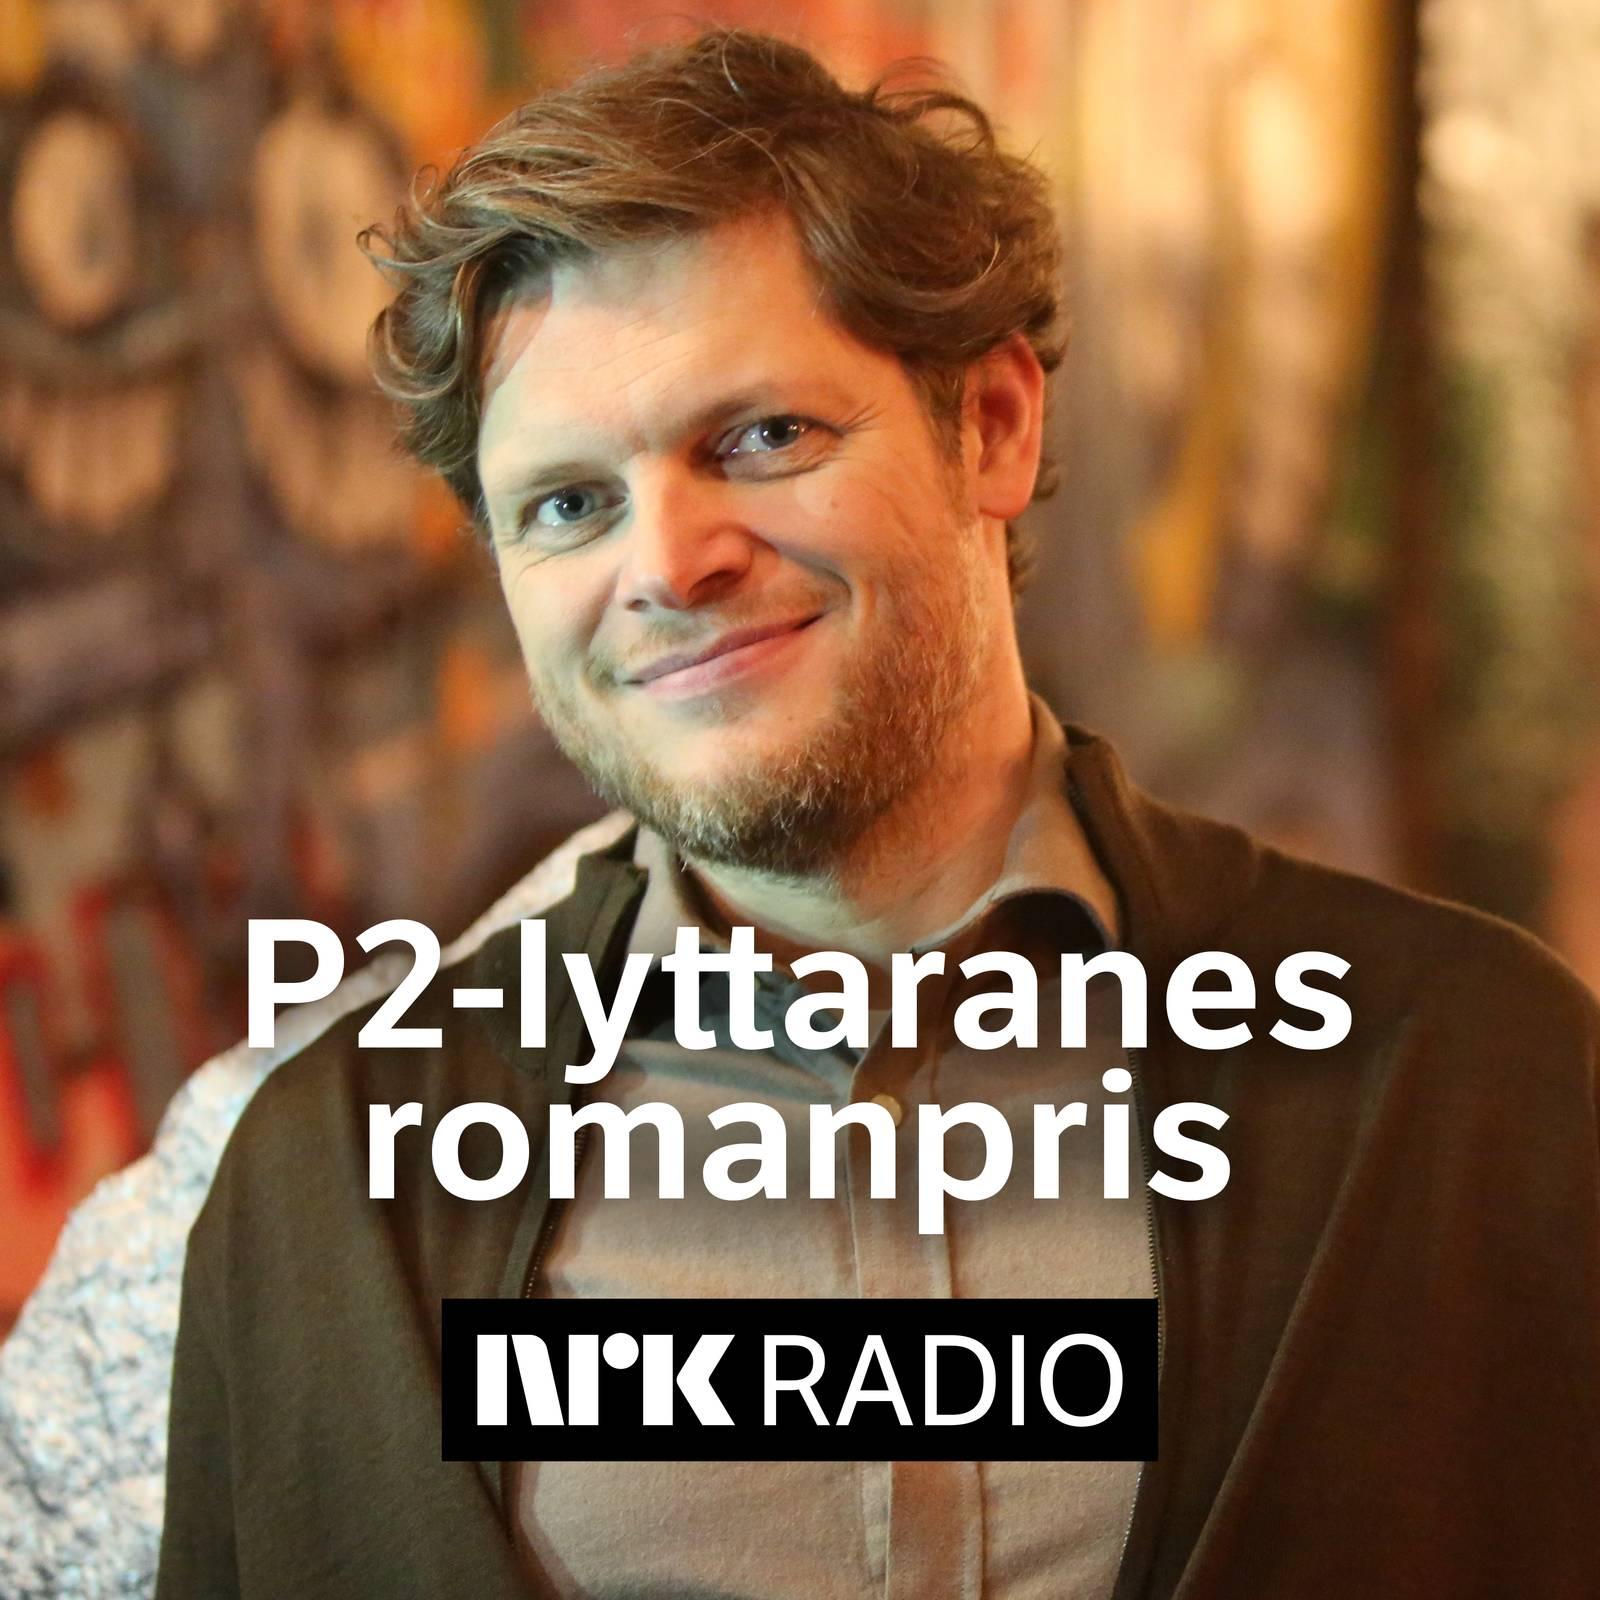 P2-lyttaranes romanpris